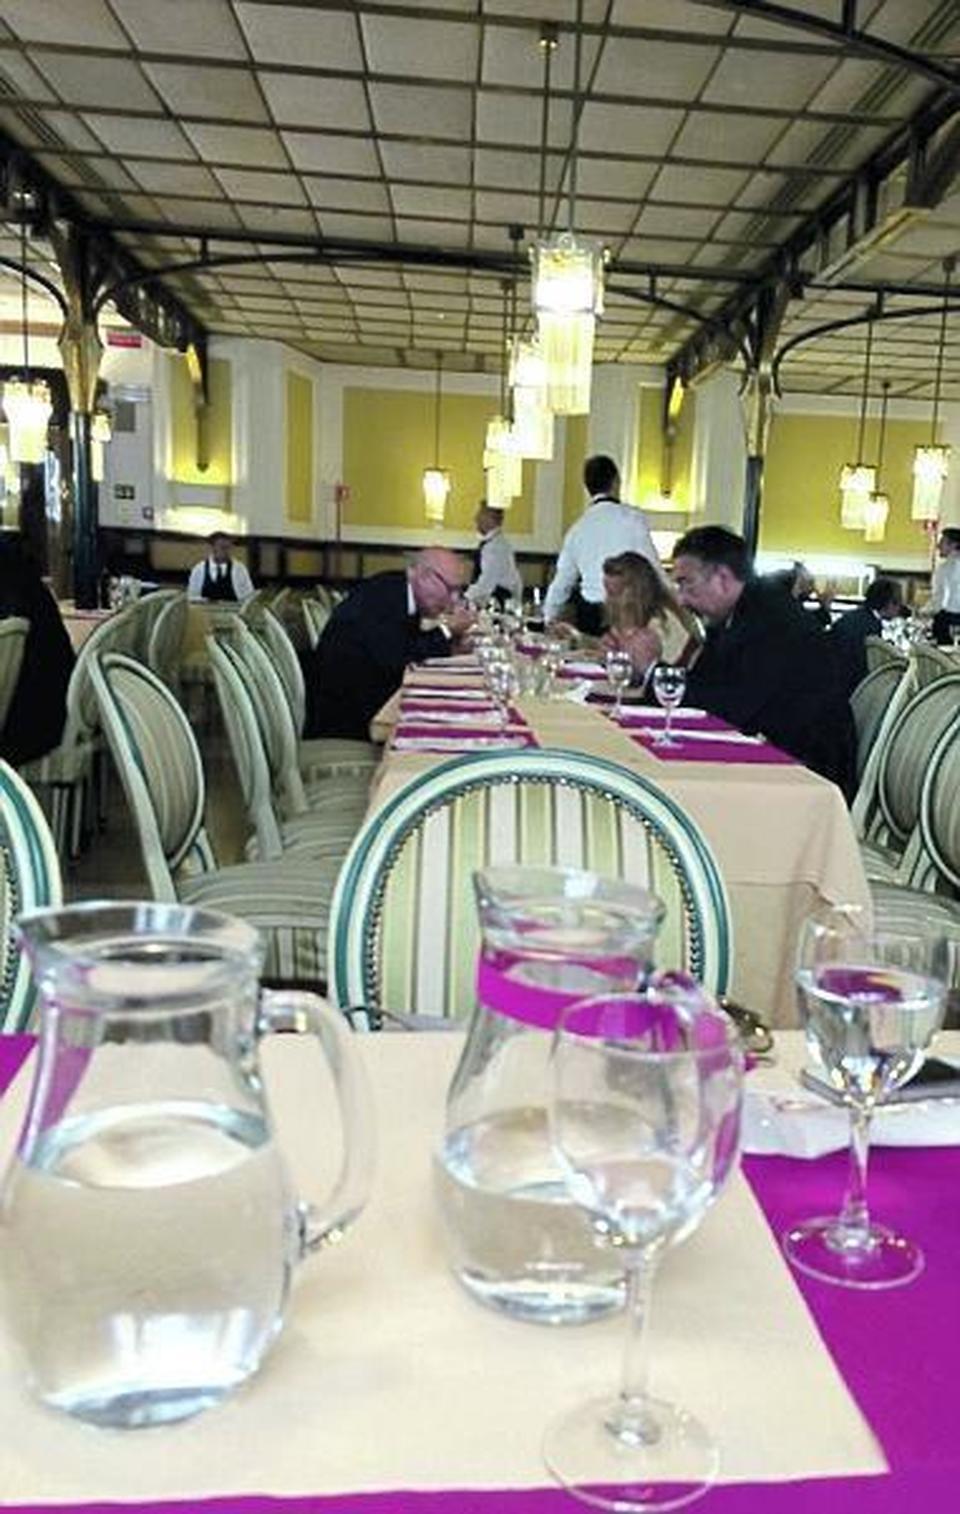 Da simbolo vip a tavola calda: al ristorante del Senato con 10 euro mangi quanto vuoi